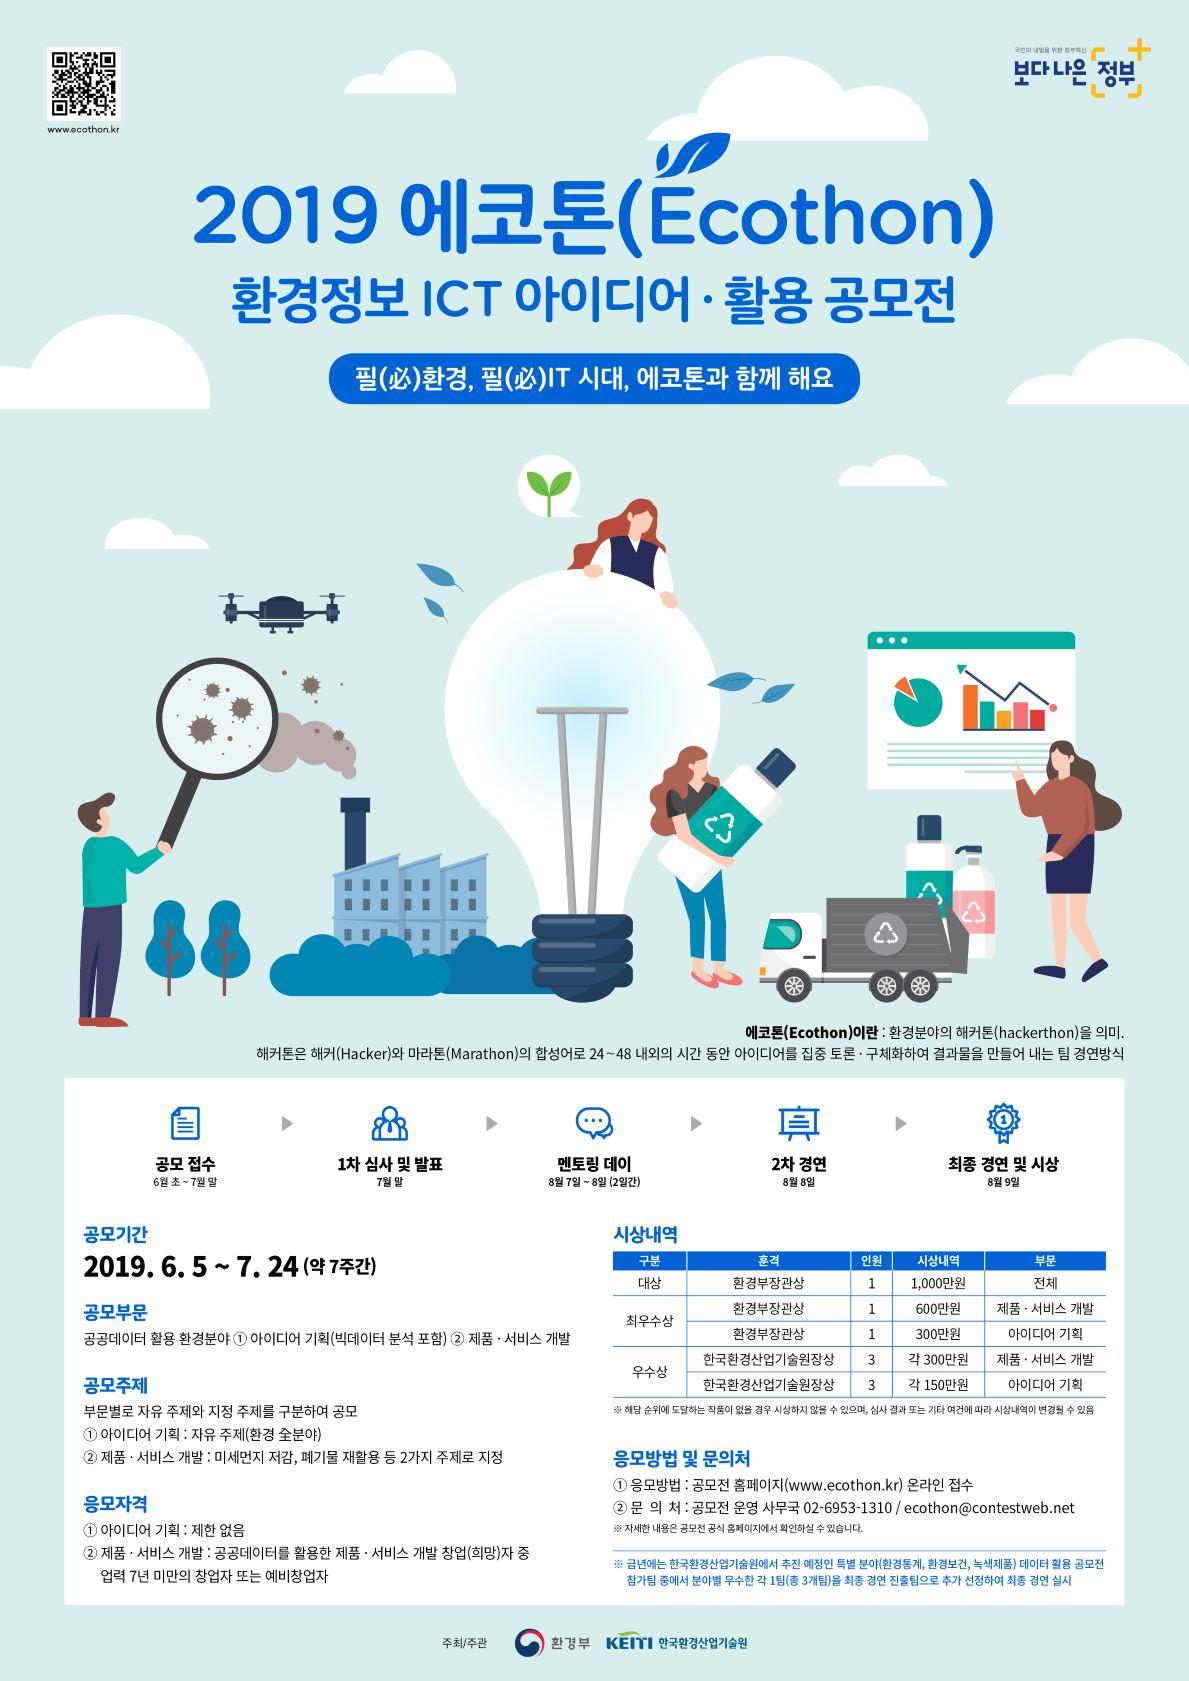 2019 에코톤 환경정보 ICT 아이디어·활용 공모전